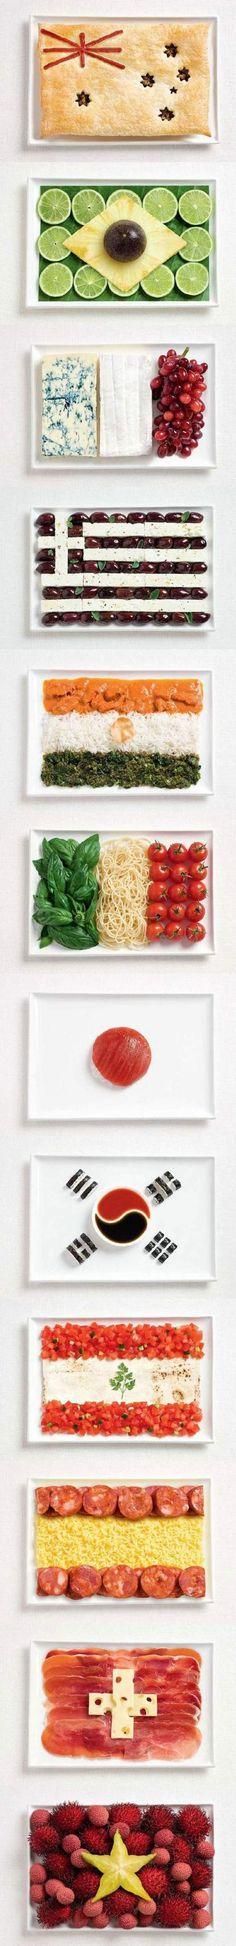 Gastronomía y banderas juntas en estas obras de arte